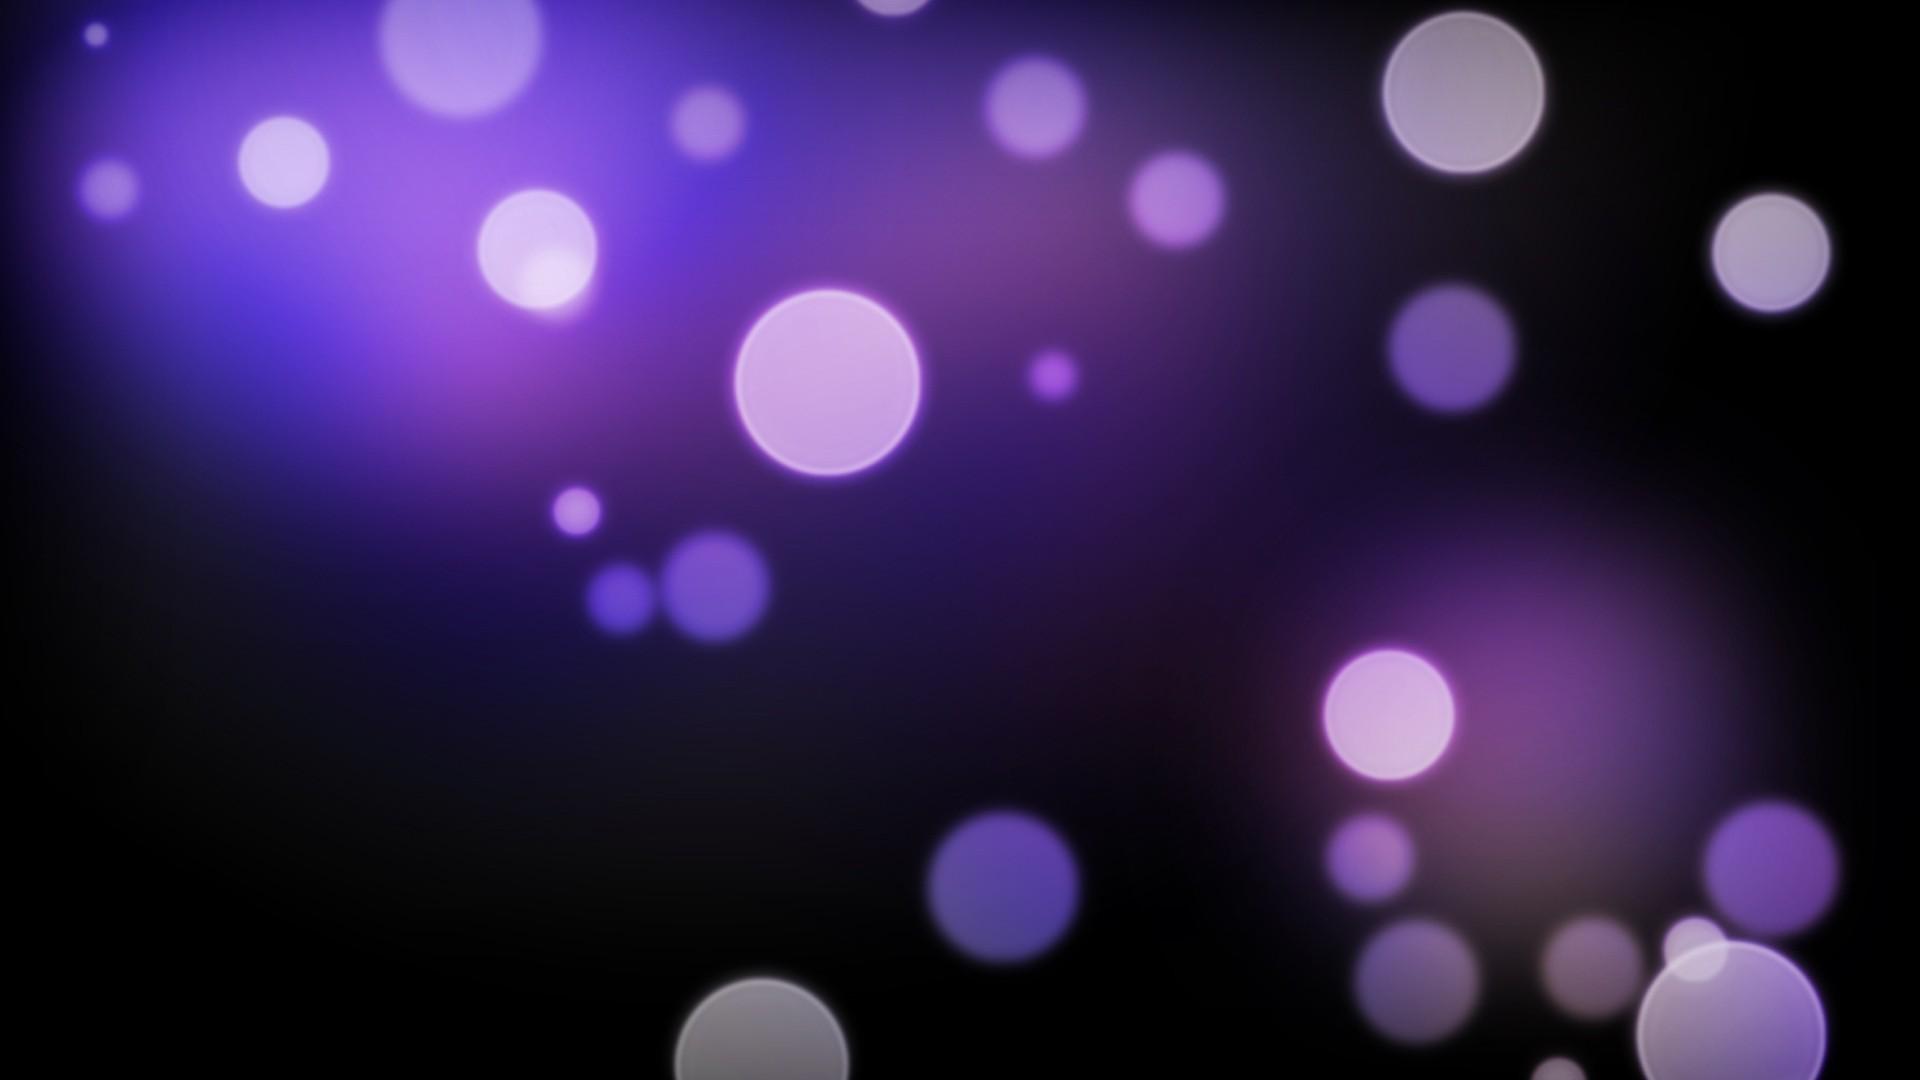 Simple Dark Purple Background 1920x1080